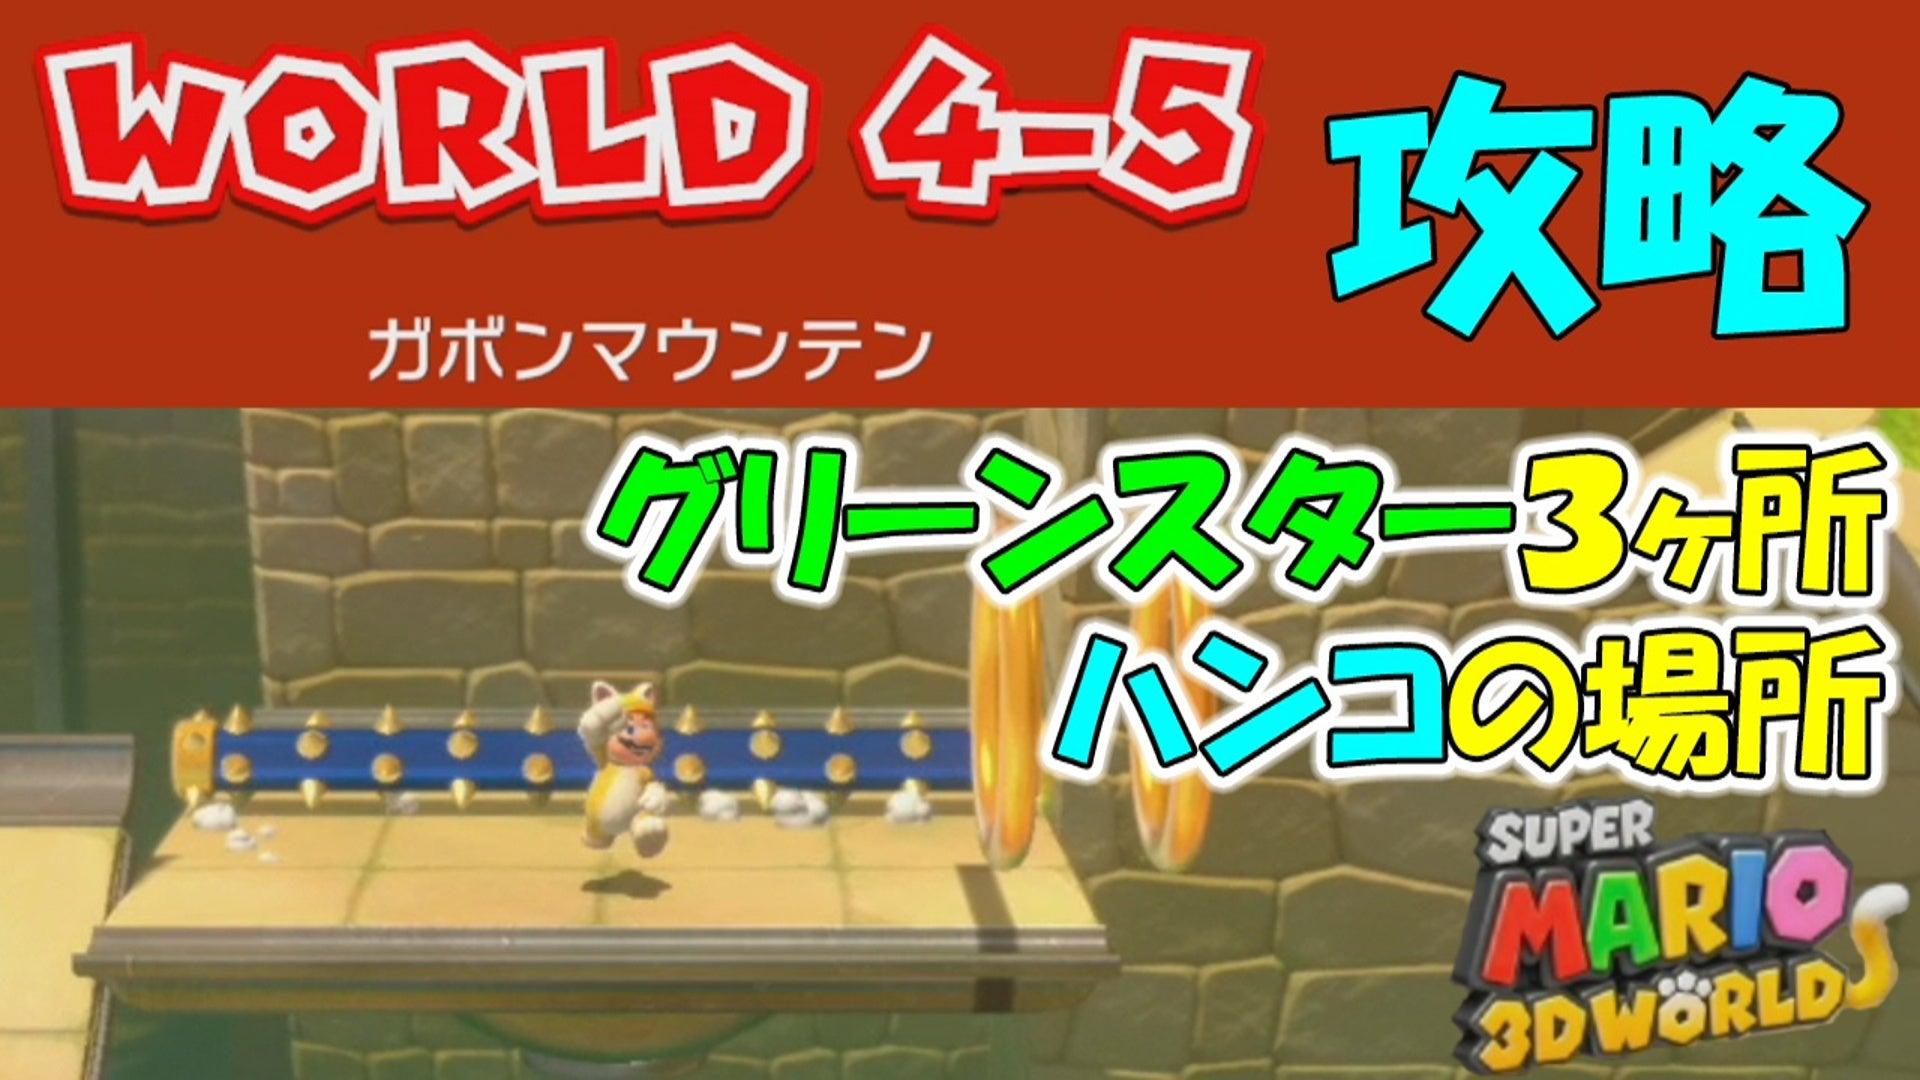 攻略 ワールド マリオ フューリー 3d スーパー ワールド 【マリオ3Dワールド】ワールド1攻略|マップと入手アイテム【Switch】|ゲームエイト